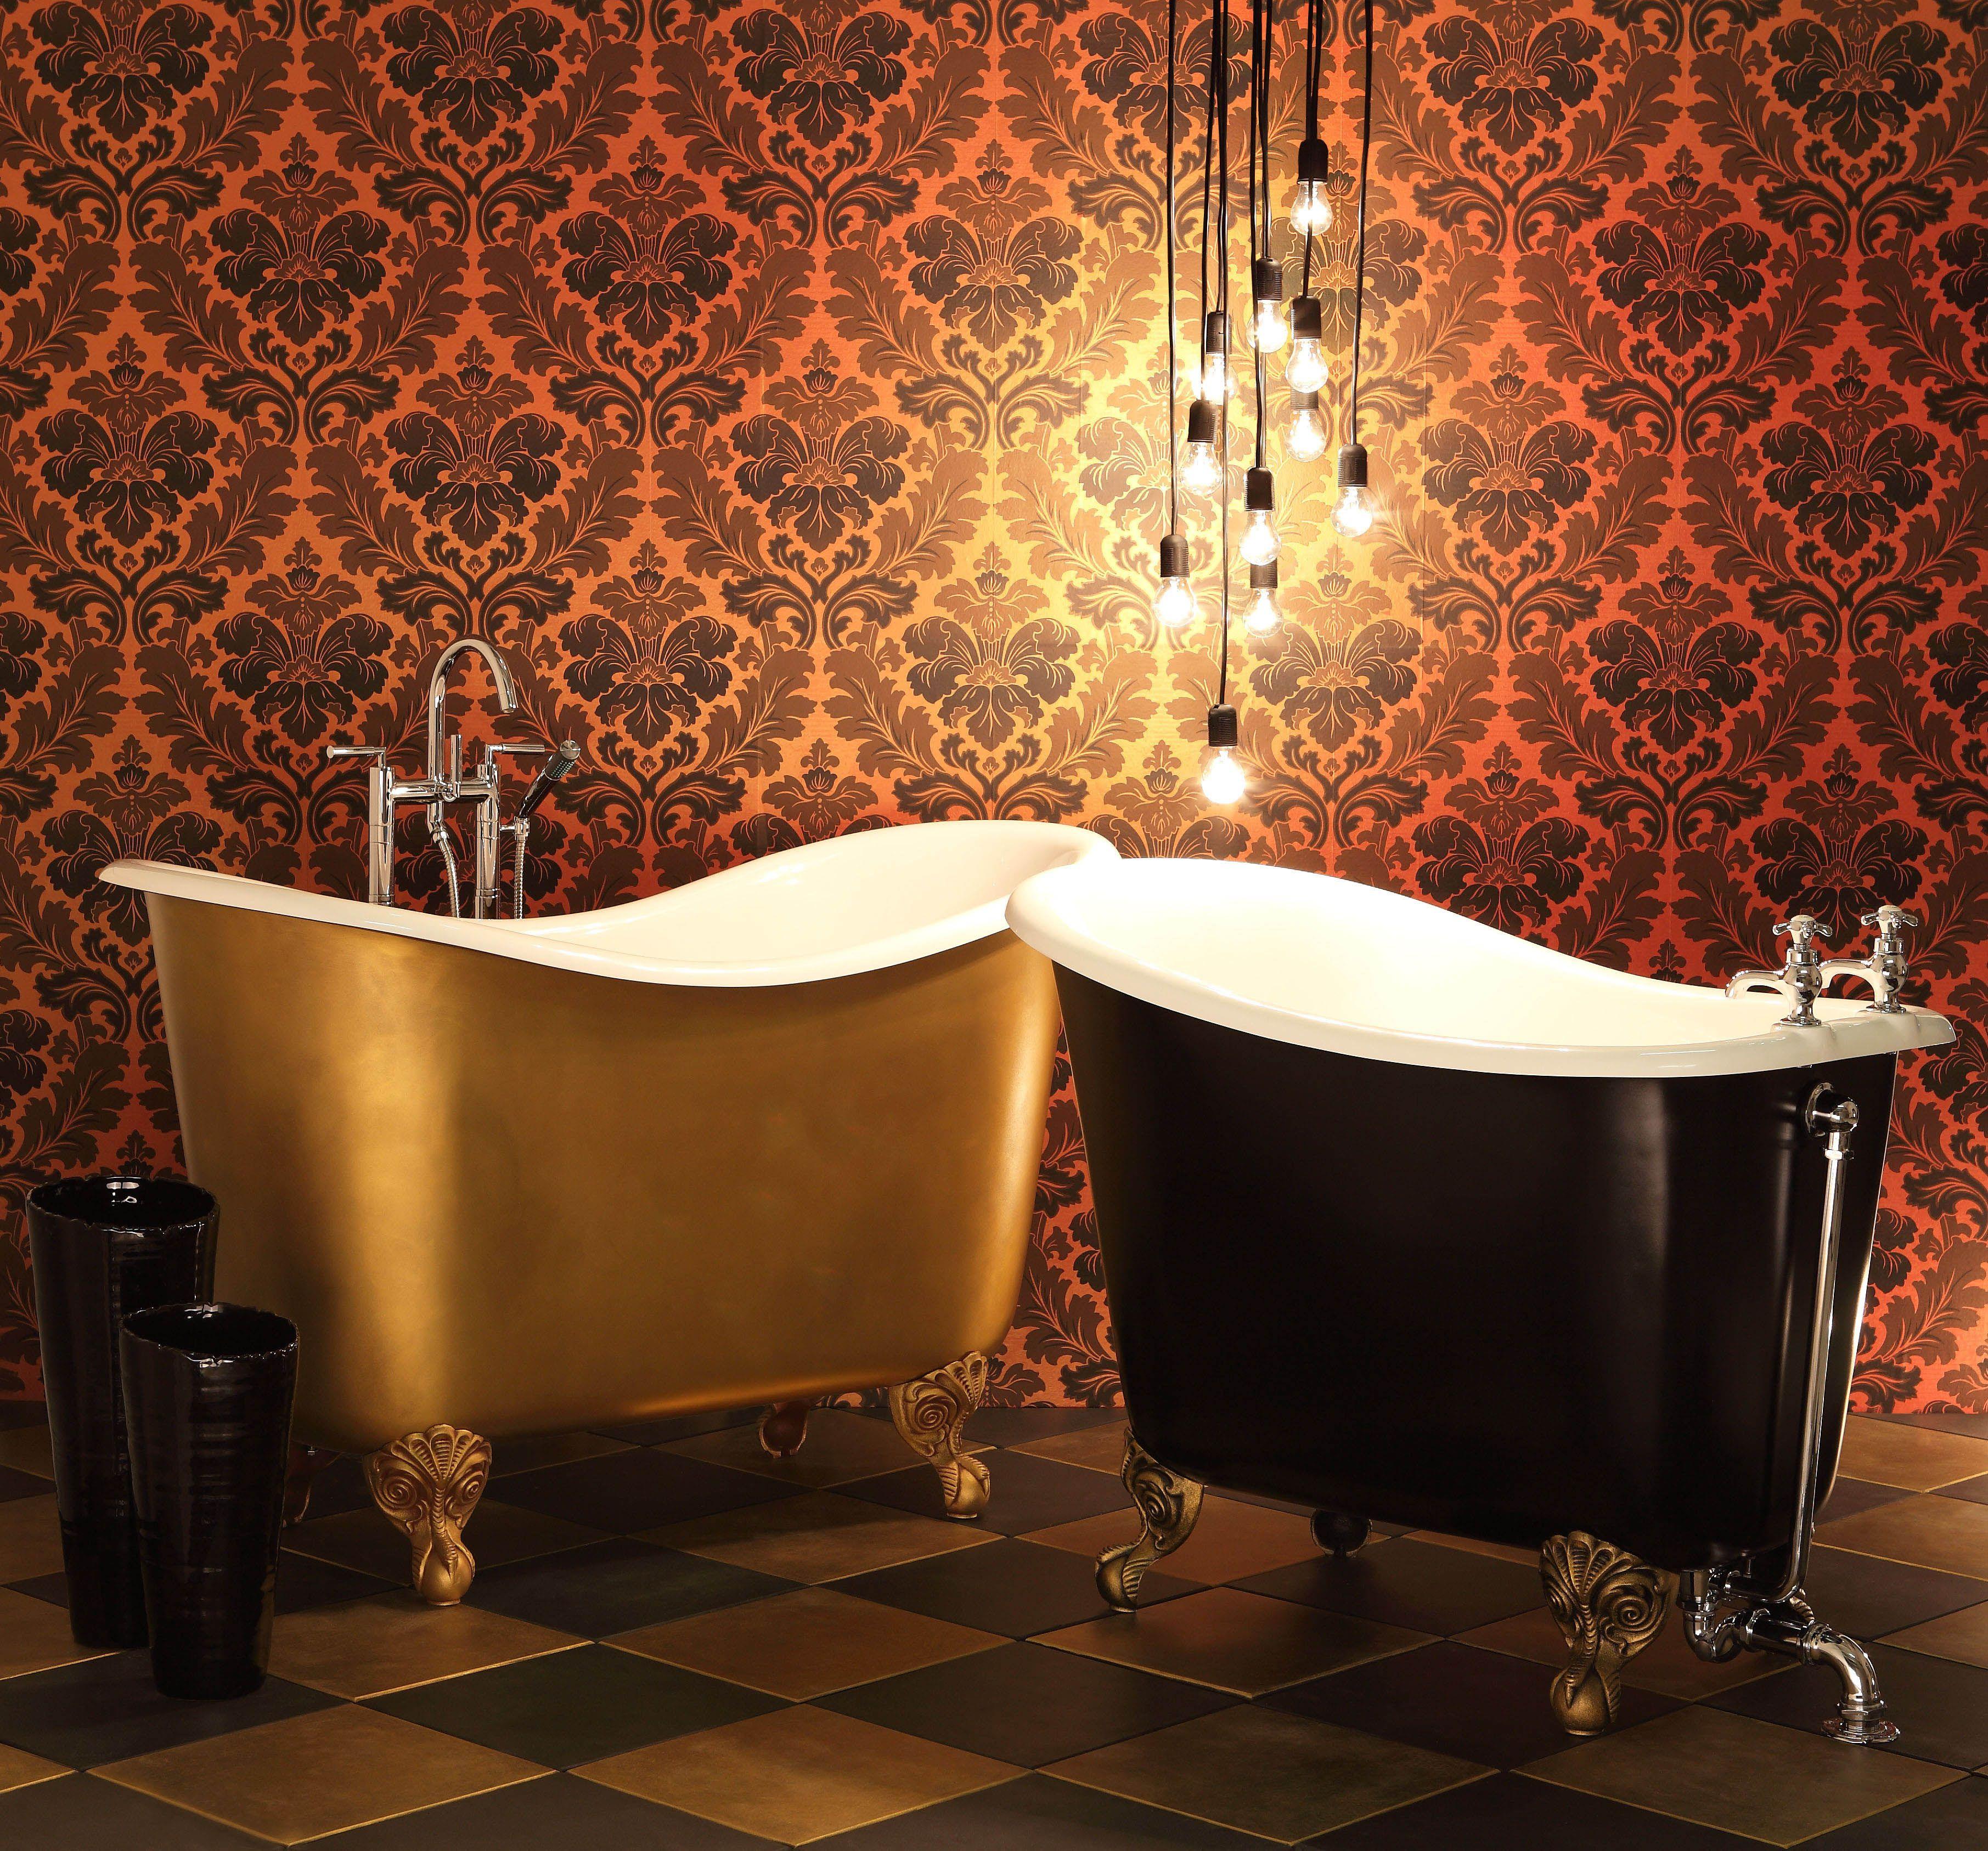 Tubby Tub & Too - short free standing bath | bathroom | Pinterest ...